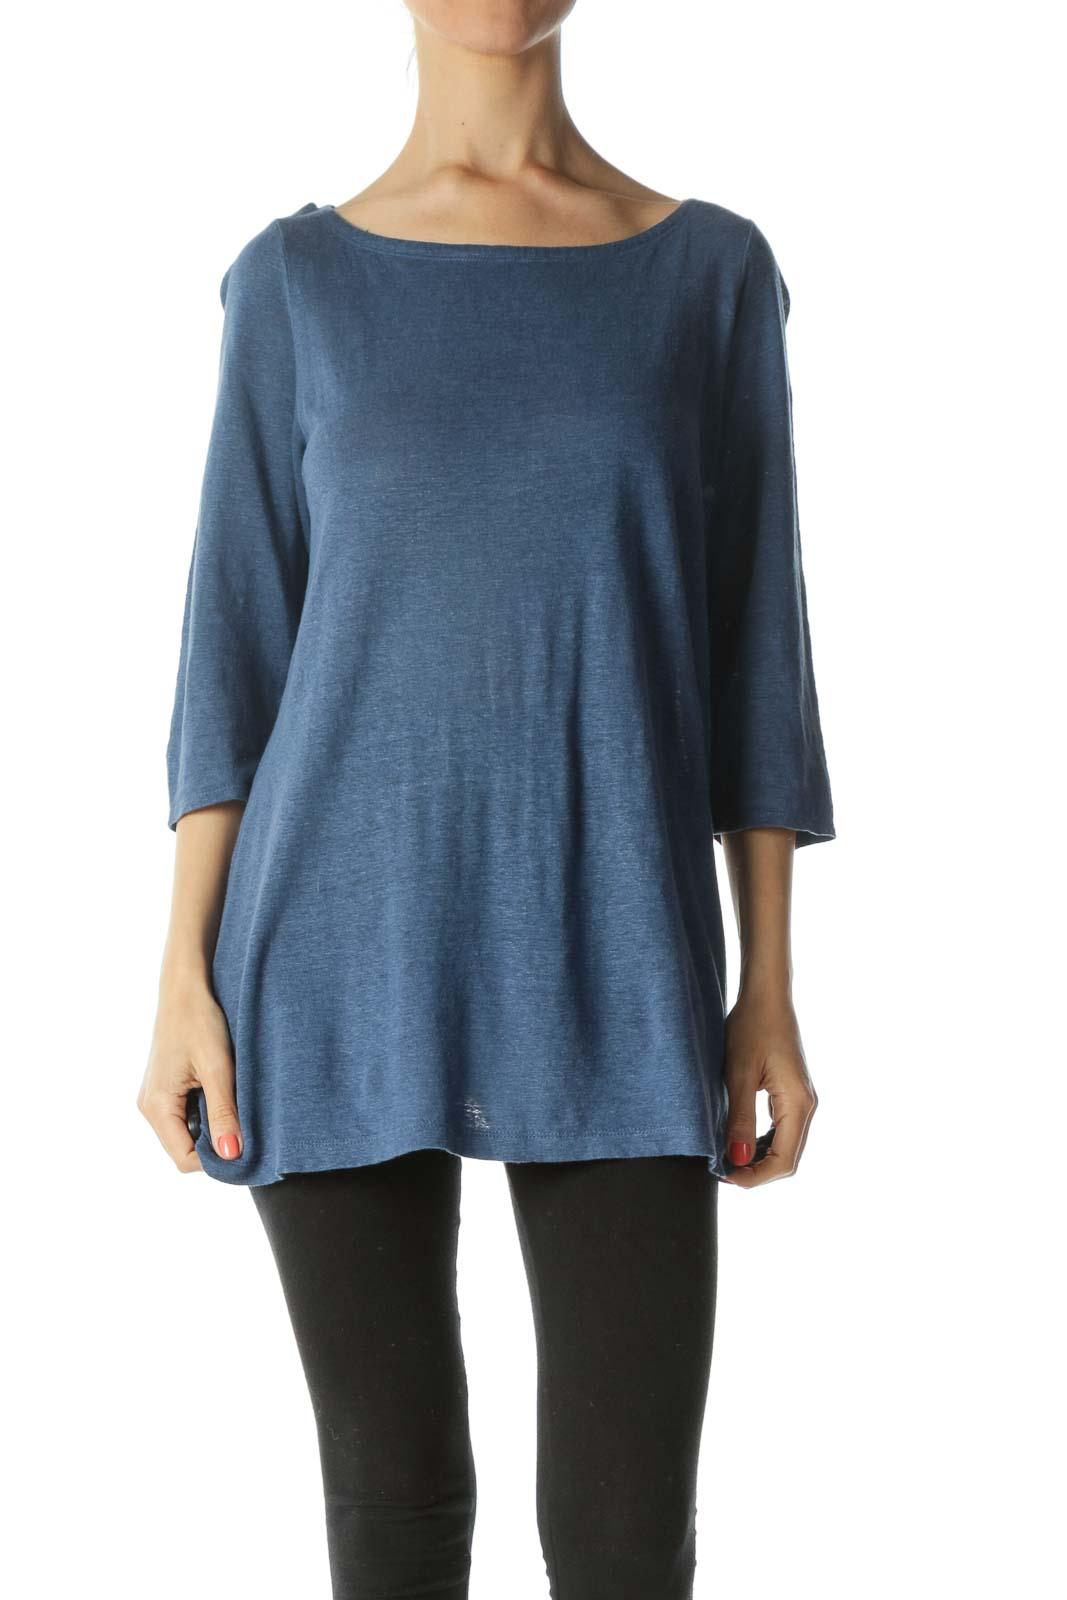 Blue Boat-Neck 3/4-Sleeves Sides-Slit Knit Top